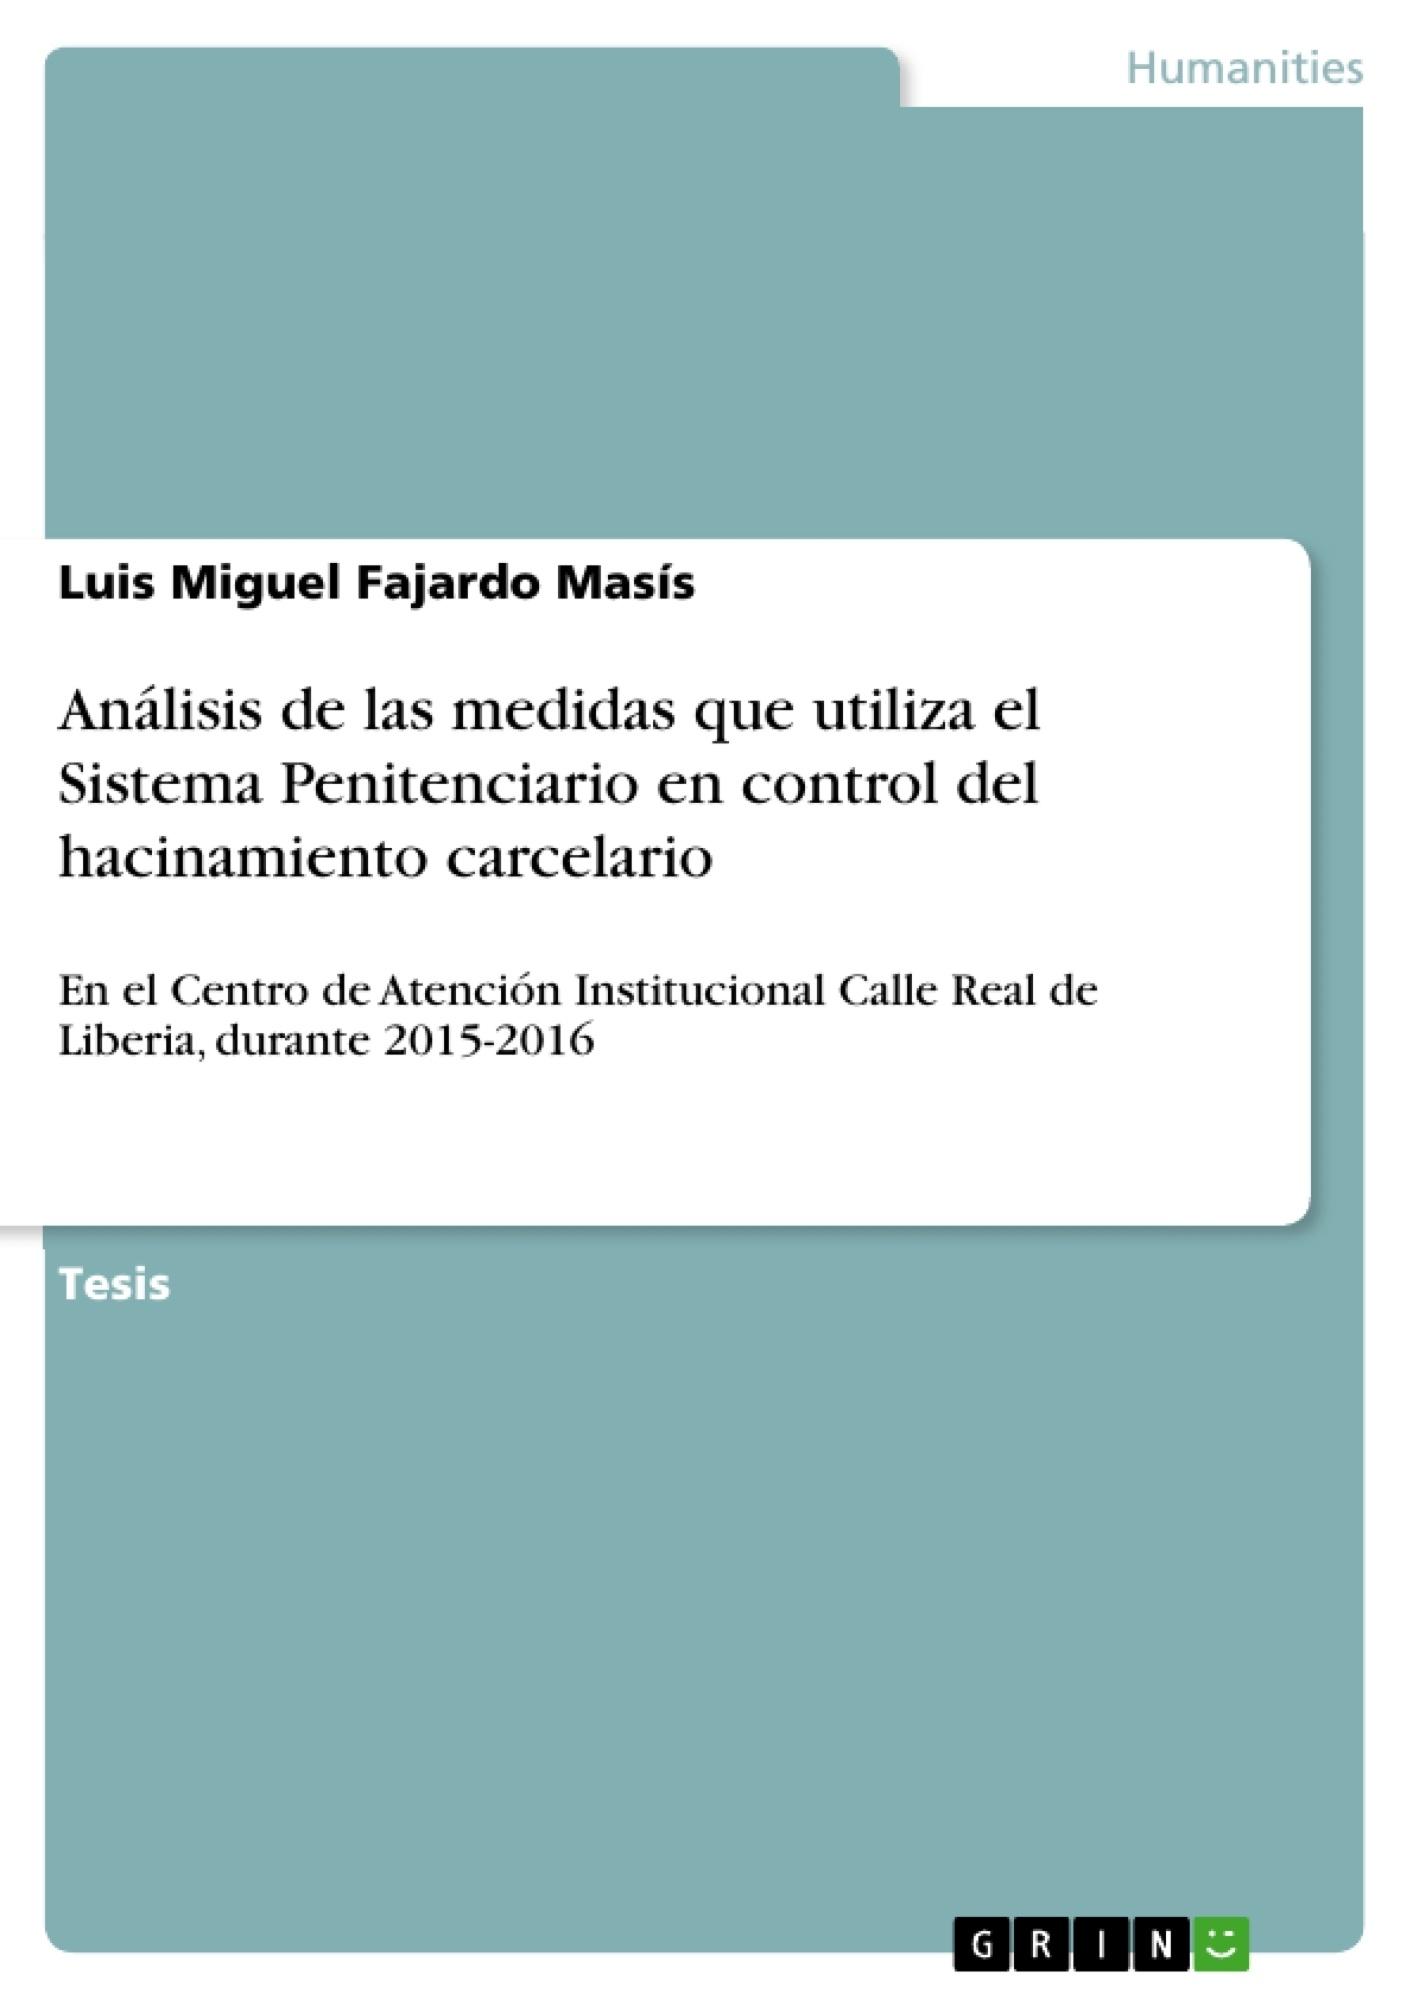 Título: Análisis de las medidas que utiliza el Sistema Penitenciario en control del hacinamiento carcelario